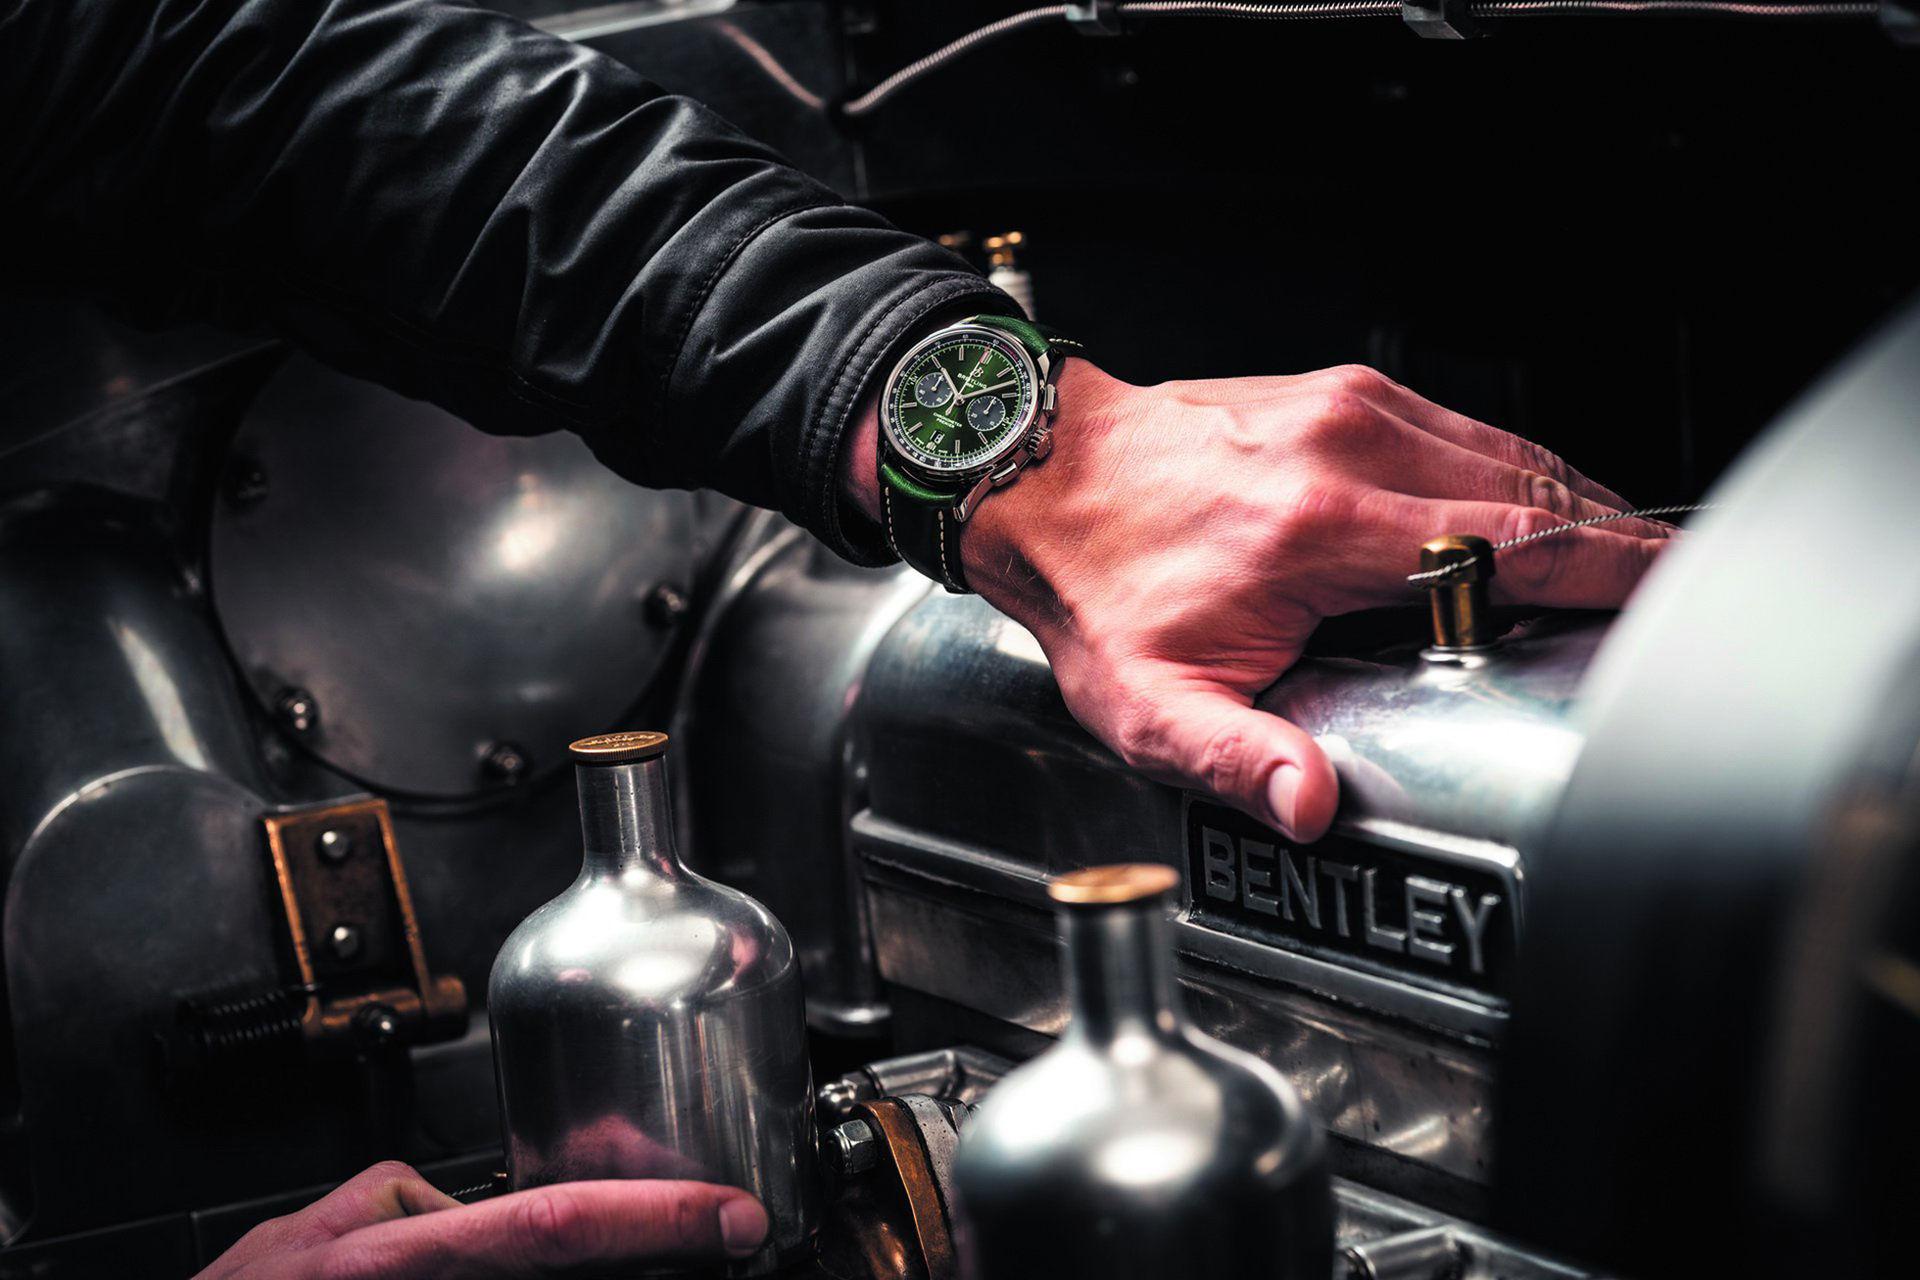 Nytt klocksamarbete från Breitling och Bentley